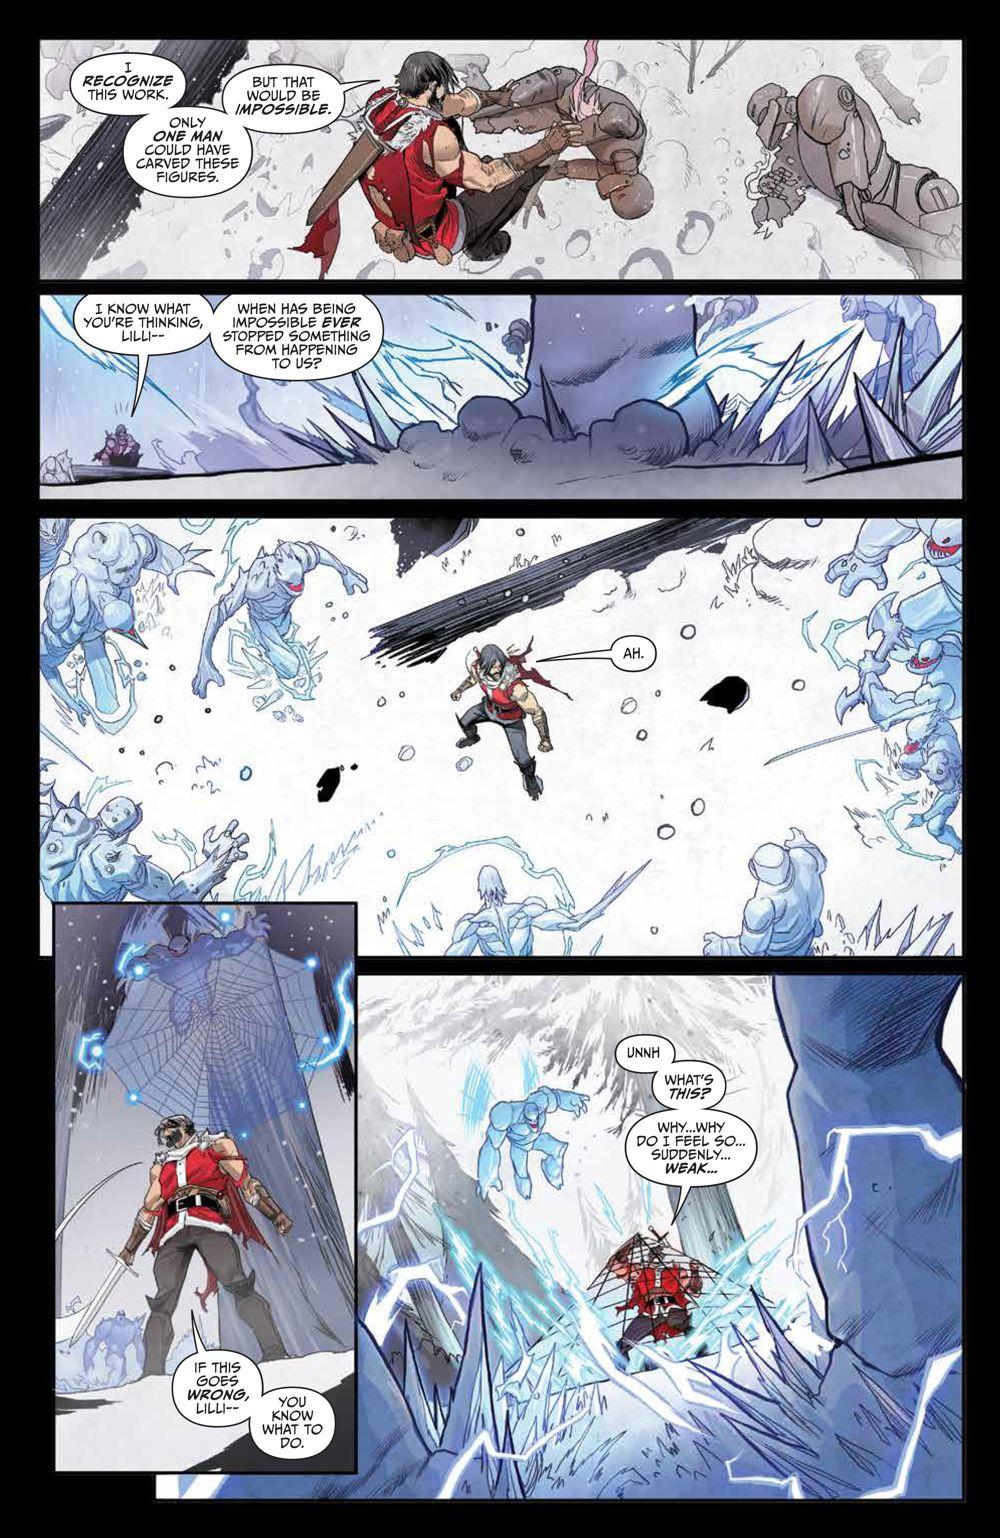 Klaus_NewAdventures_SC_PRESS_22 ComicList Previews: KLAUS THE NEW ADVENTURES OF SANTA CLAUS GN